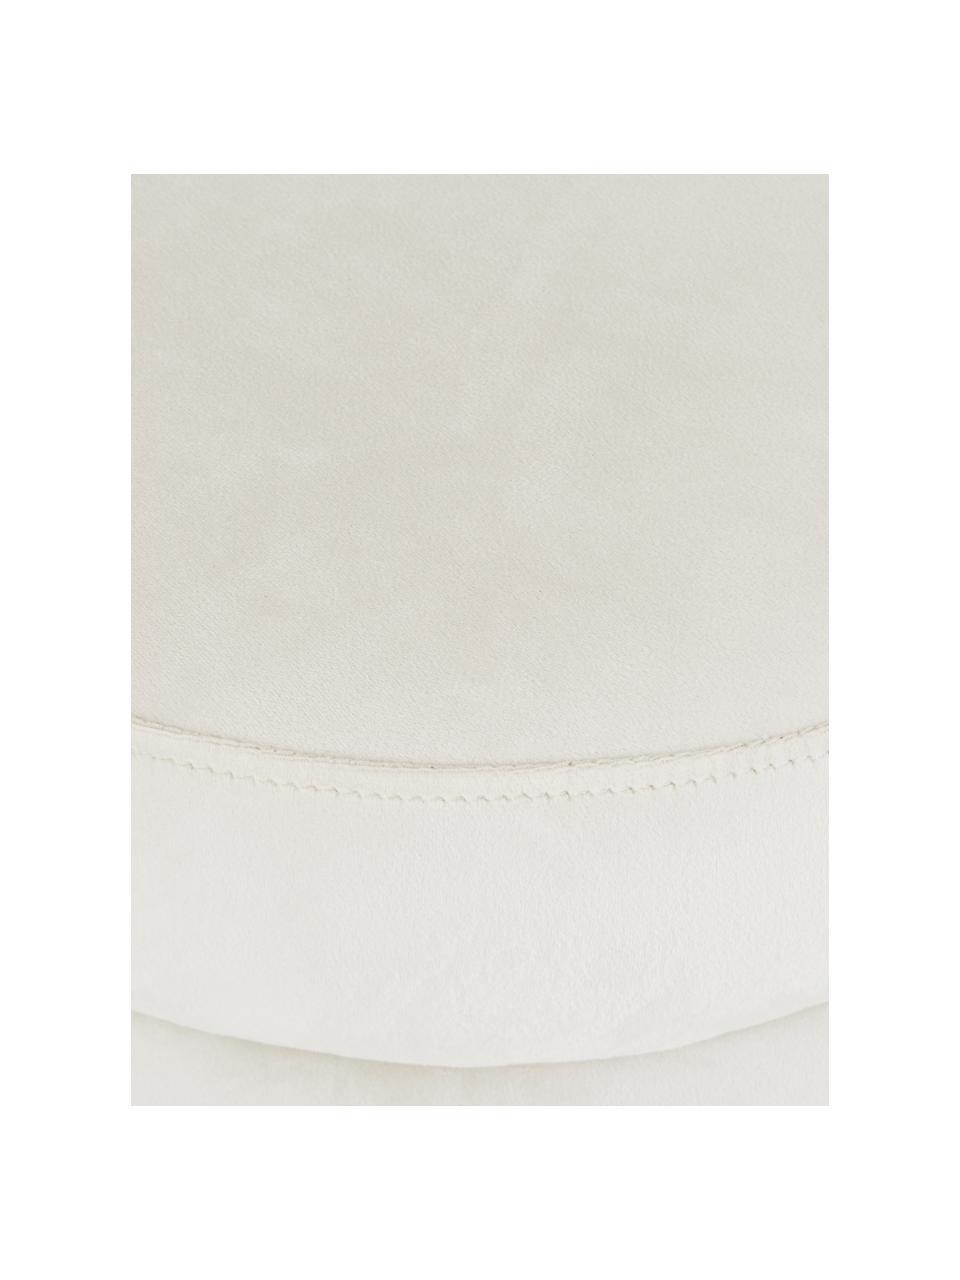 Sgabello in velluto bianco crema Alto, Rivestimento: velluto (poliestere) Il r, Struttura: legno di pino massiccio, , Velluto bianco crema, Ø 42 x Alt. 47 cm